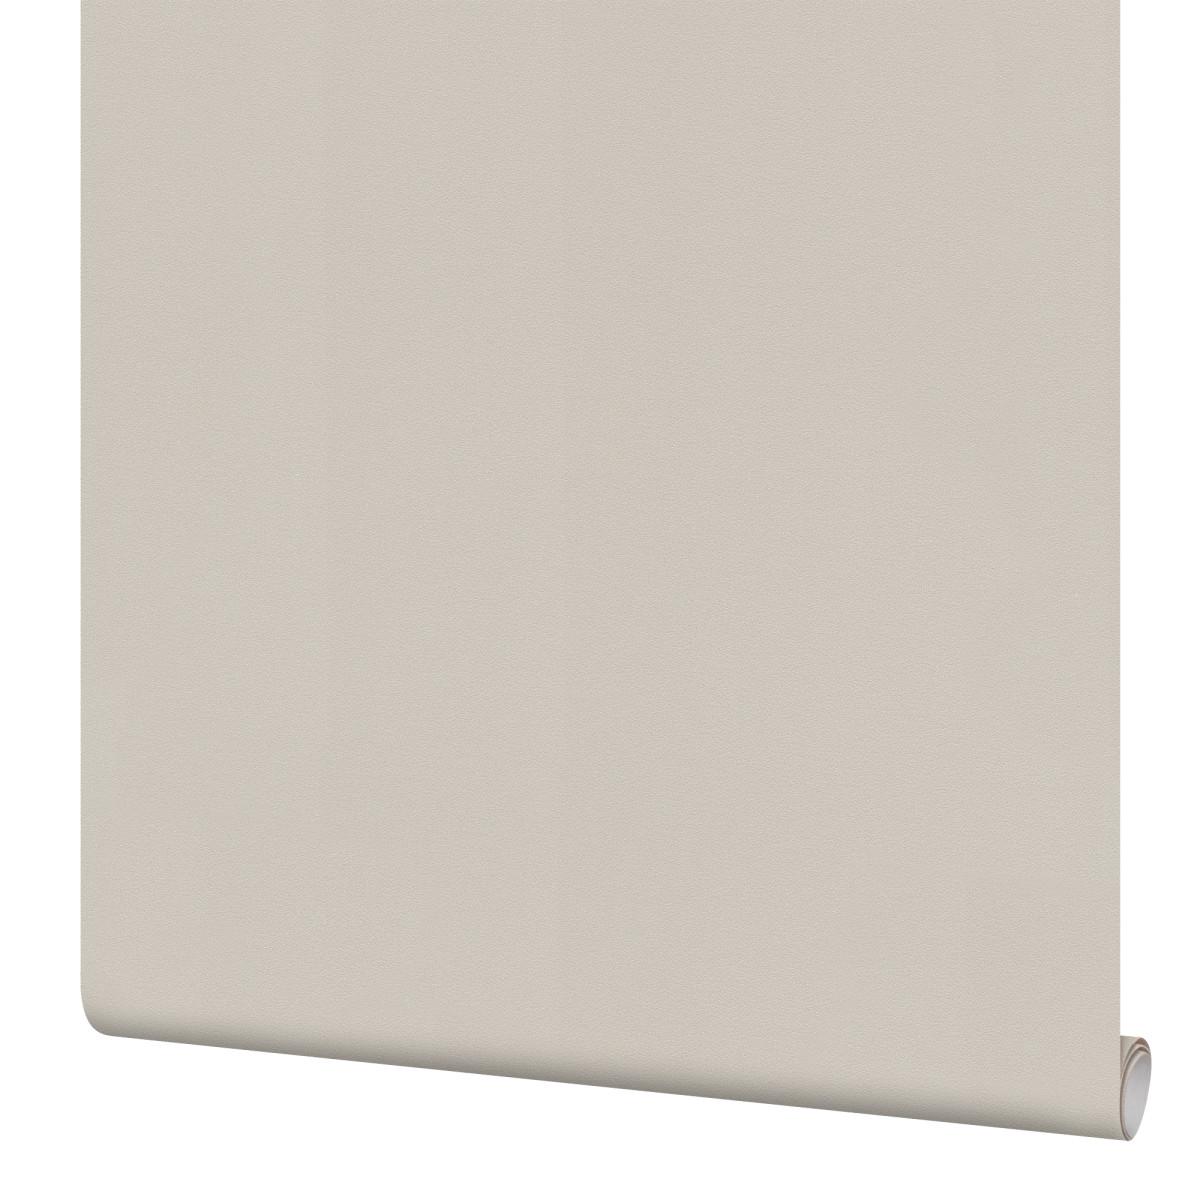 Обои флизелиновые Rasch Францгеом серые 0.53 м 806823